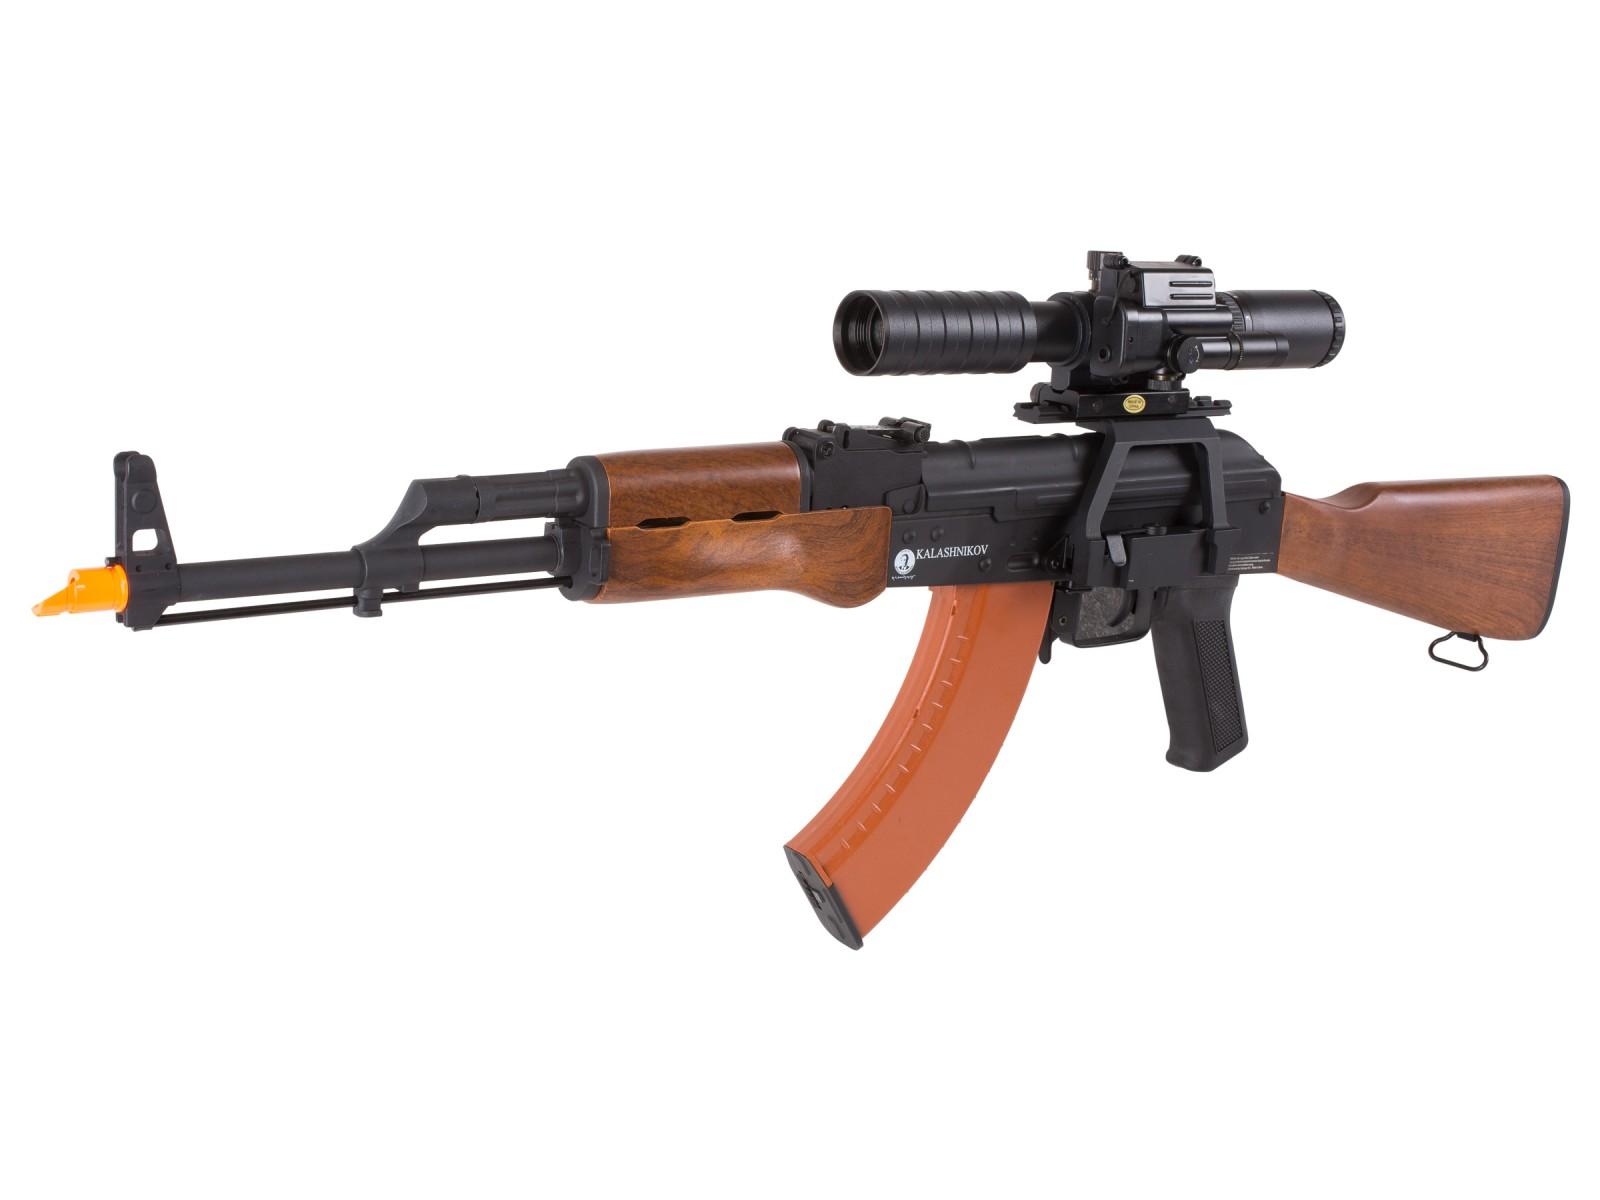 Pubg Wallpaper Guns Cybergun Kalashnikov Akm Aeg Airsoft Rifle Kit Airsoft Guns